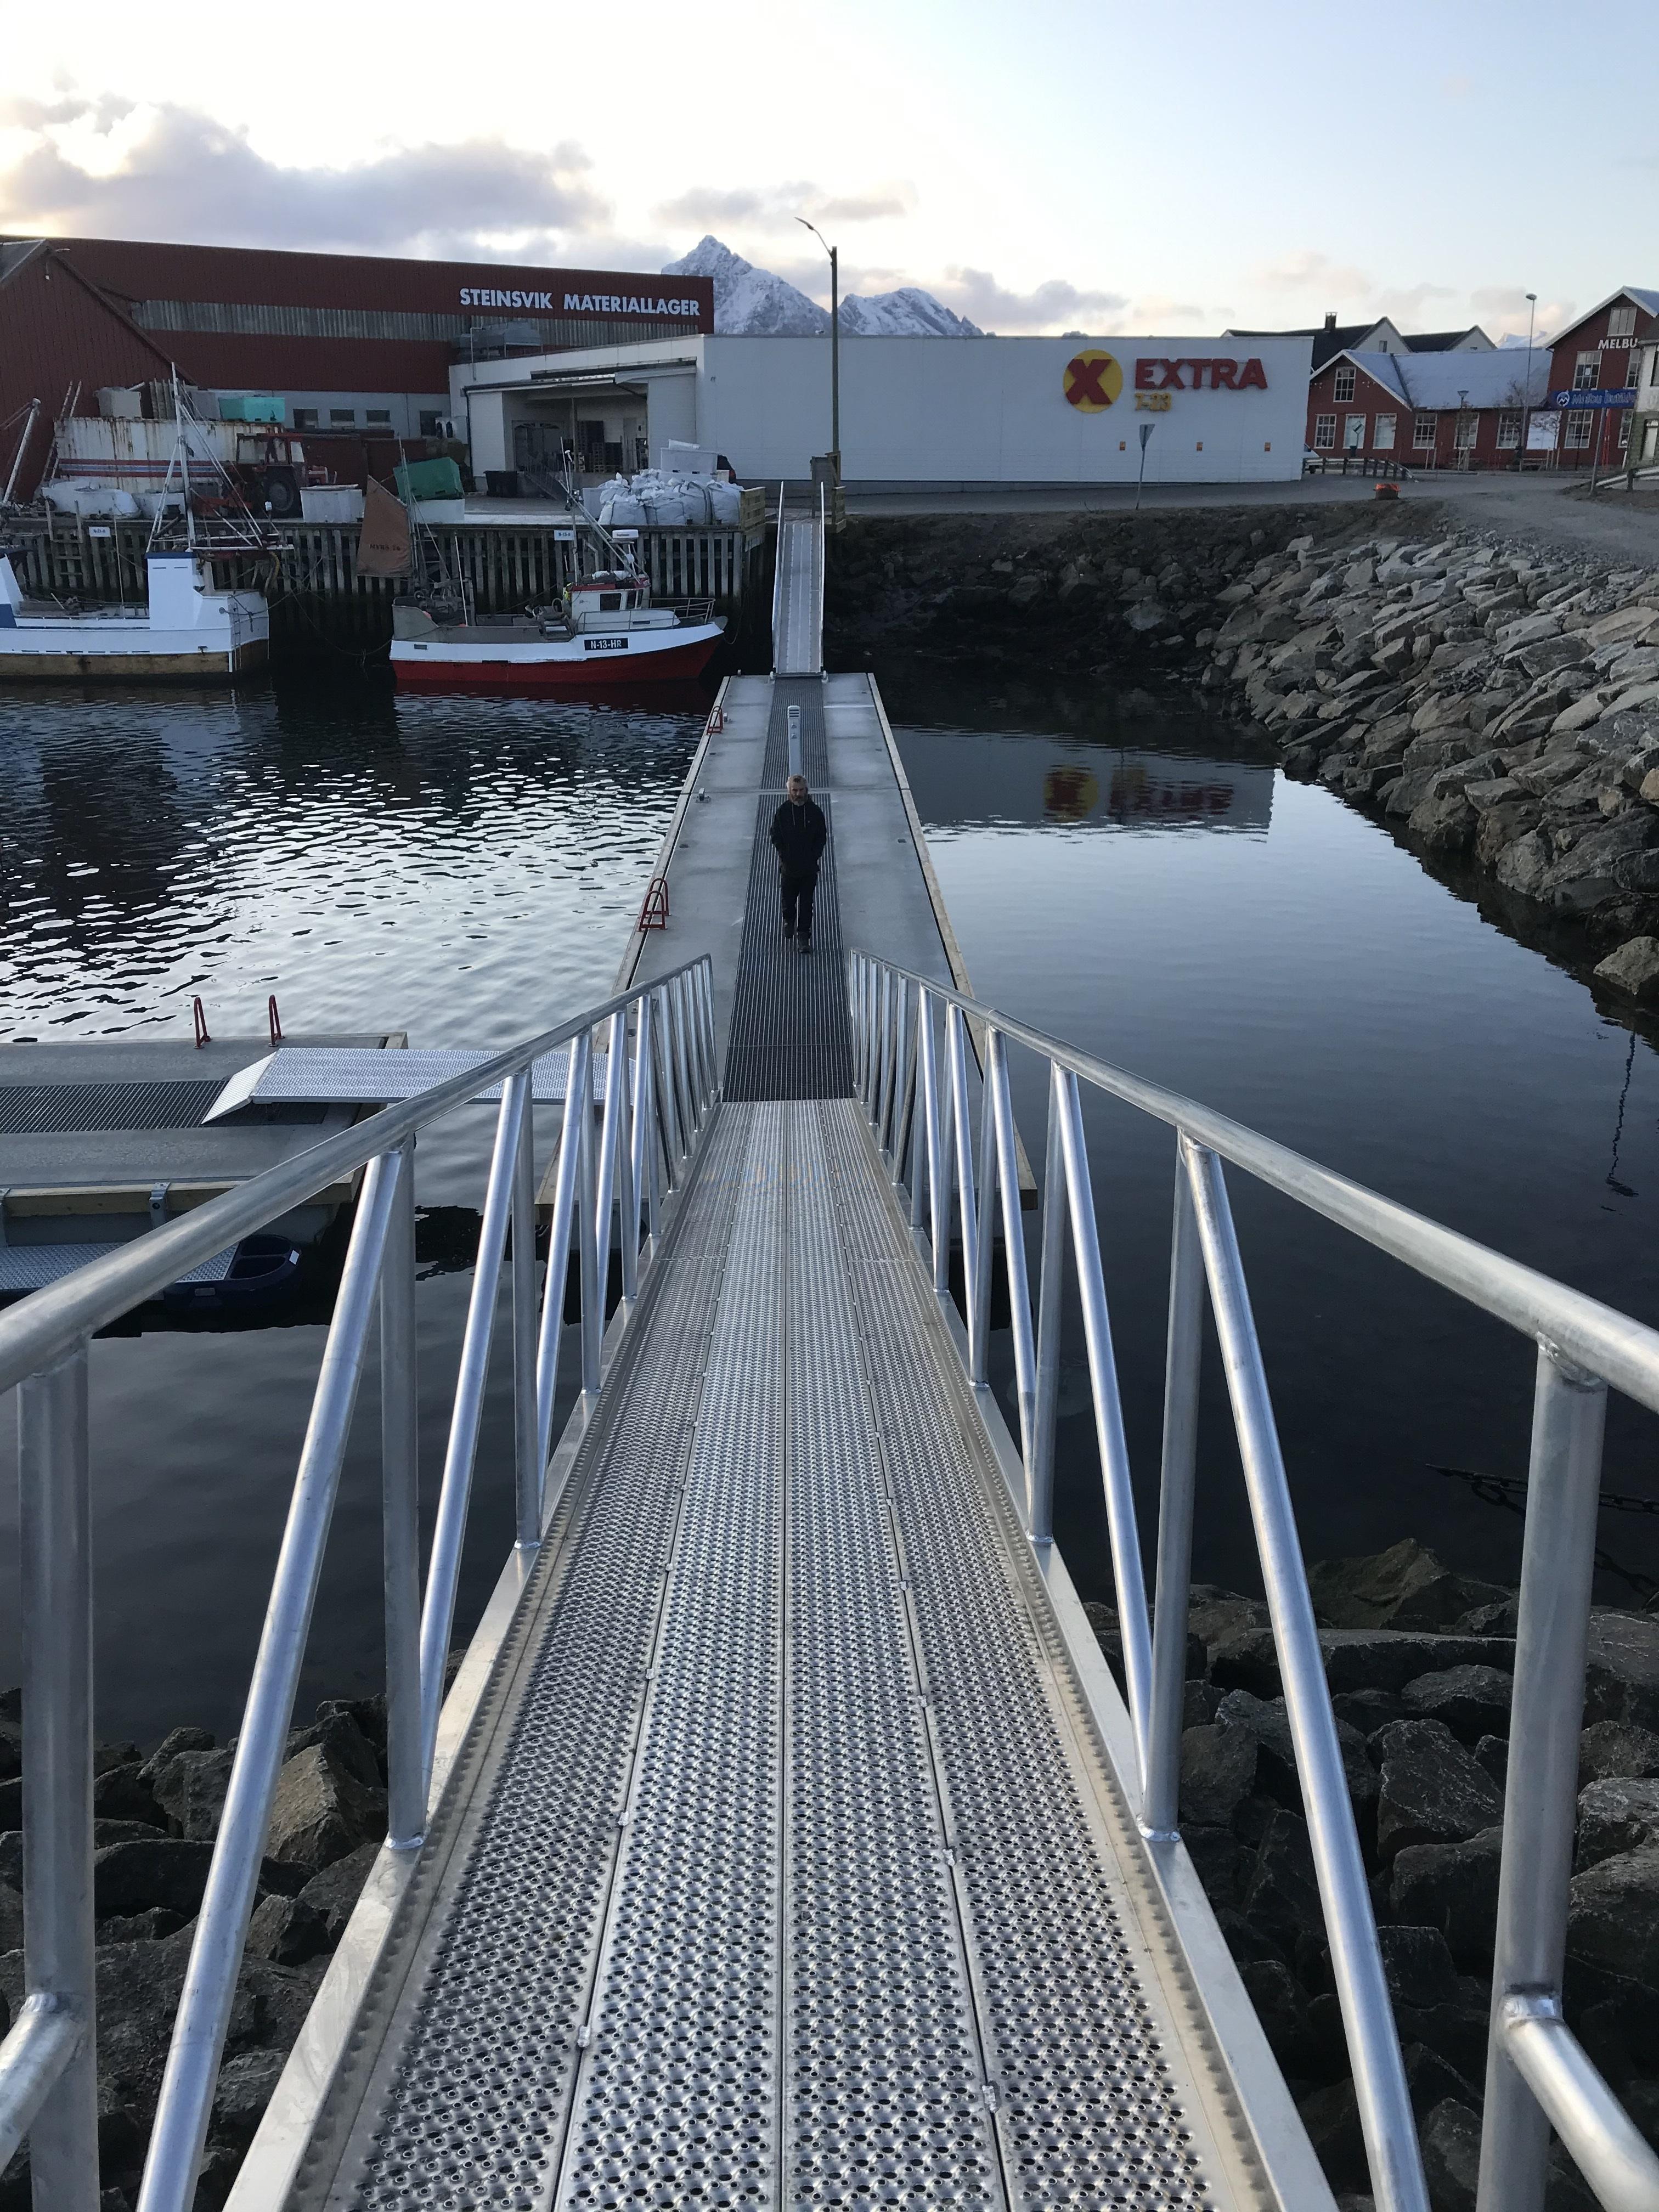 https://marinasolutions.no/uploads/Hadsel-havn-melbu-snøfrie-betongbrygger-marina-solutions-Tallykey-strømposter-7.jpg